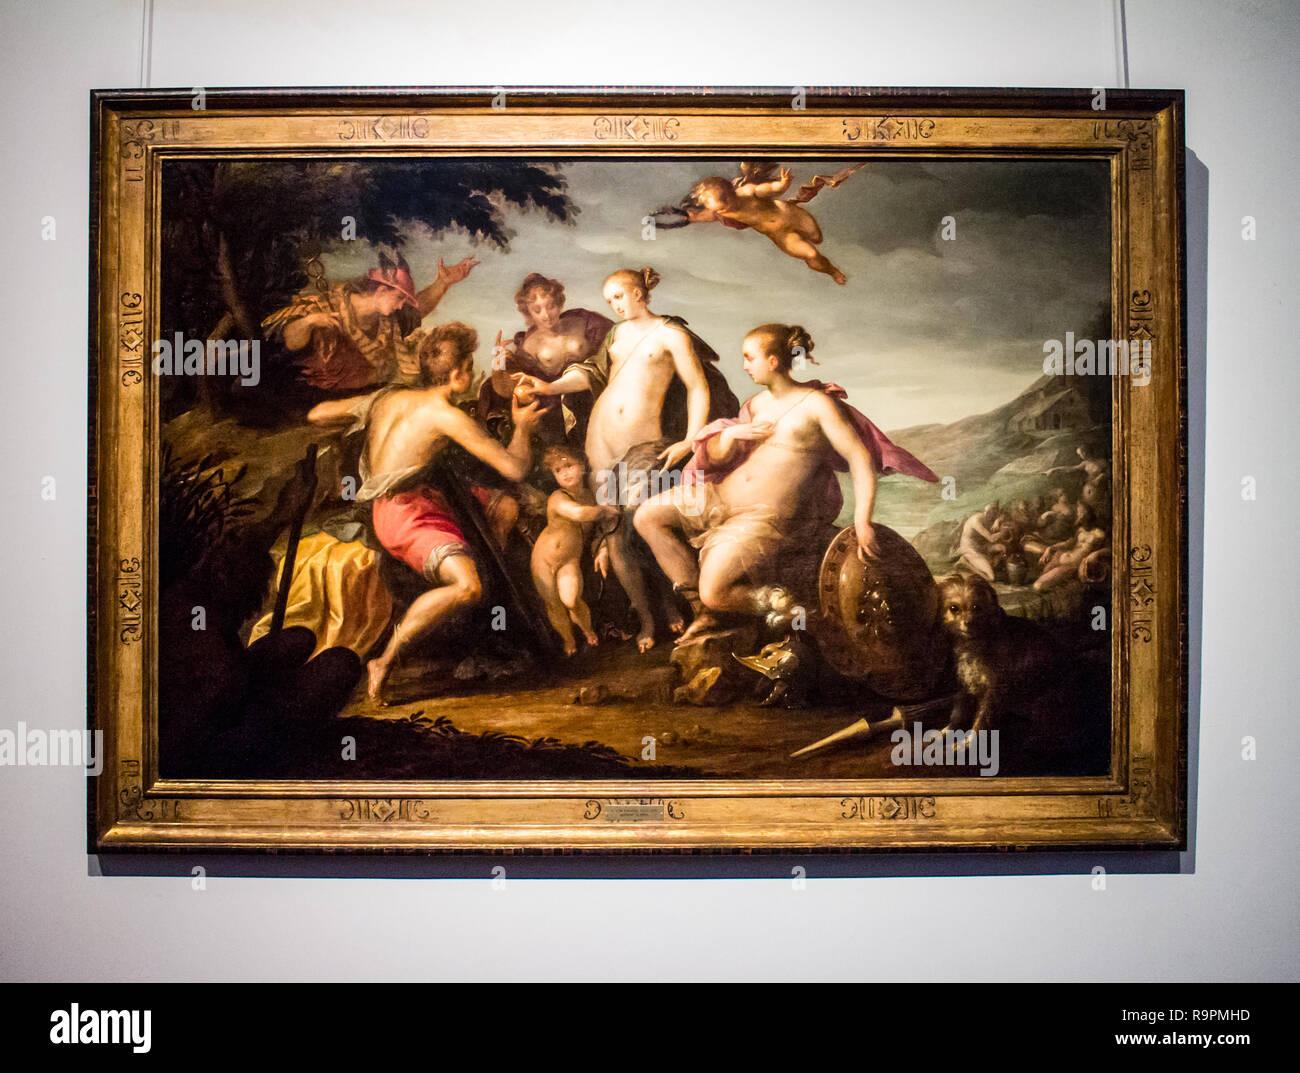 Musée de la Chartreuse à Douai : Hans Von Aachen (1552-1615) Ca 1588 - Stock Image